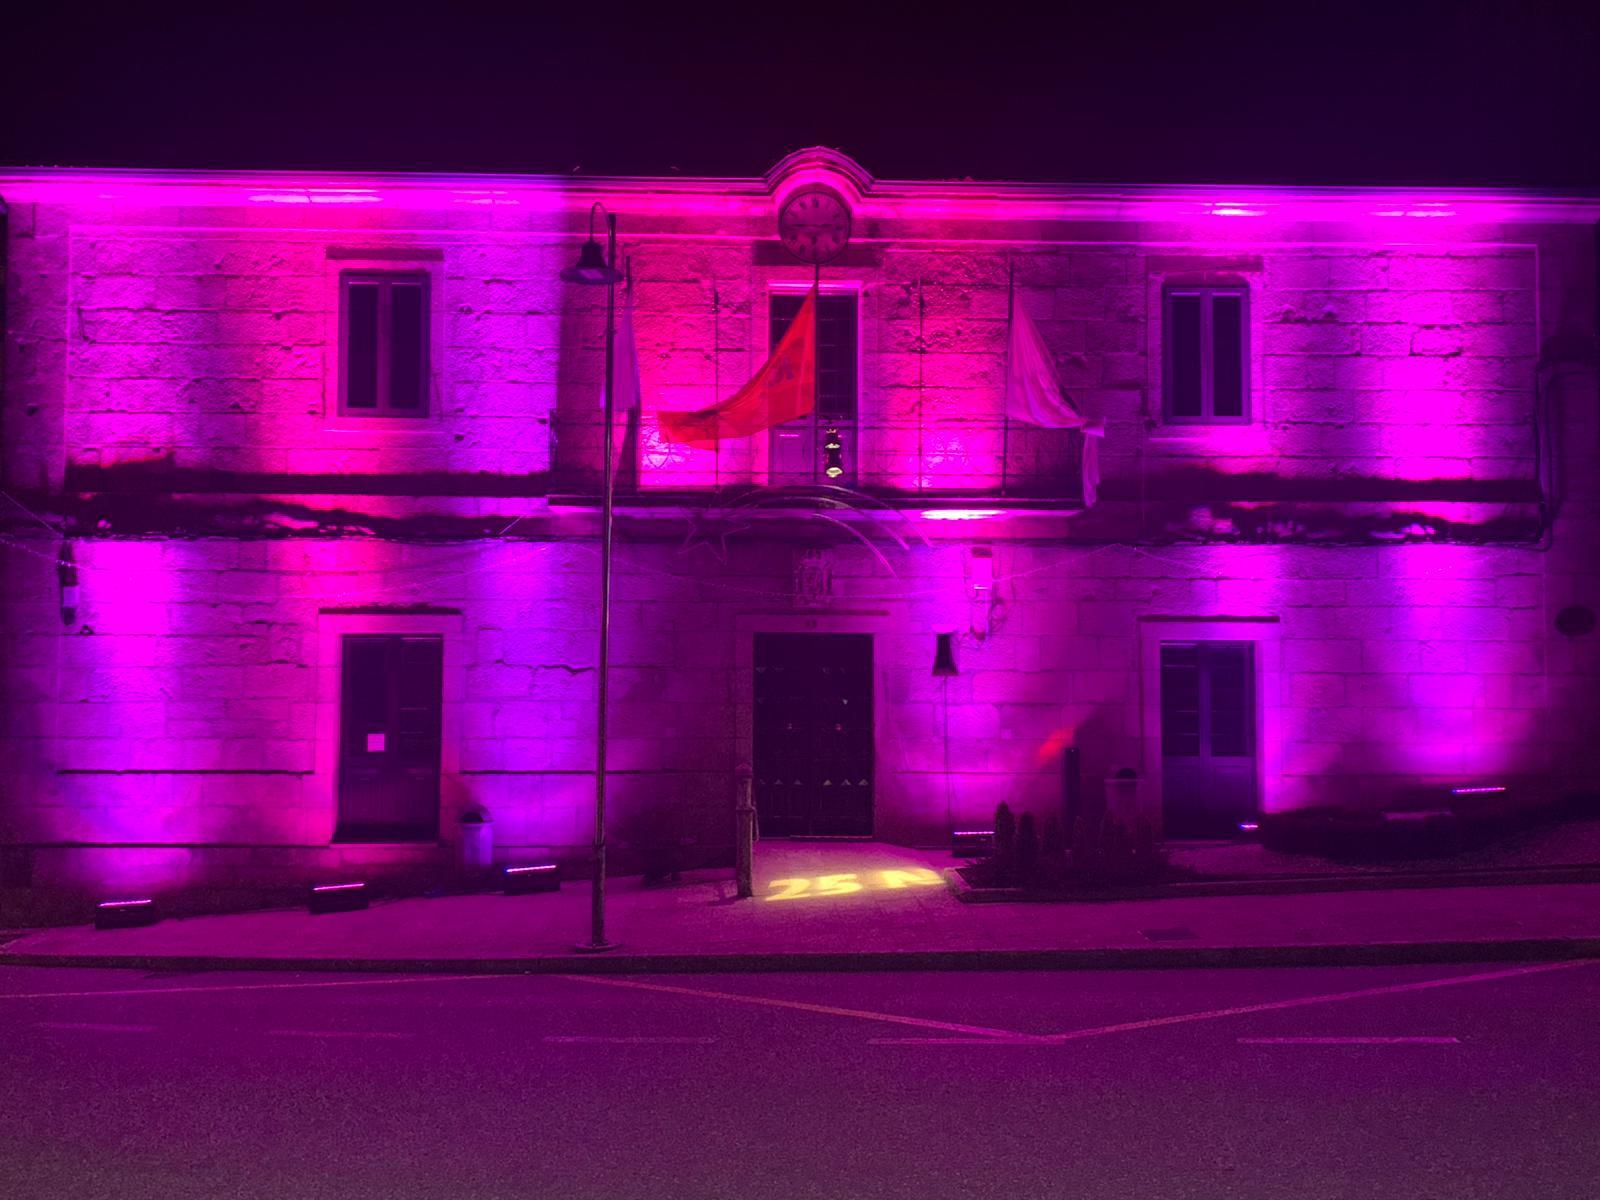 Silleda ilumina de violeta fachadas e a fonte da muller labrega durante a vindeira semana en conmemoración do 25-N